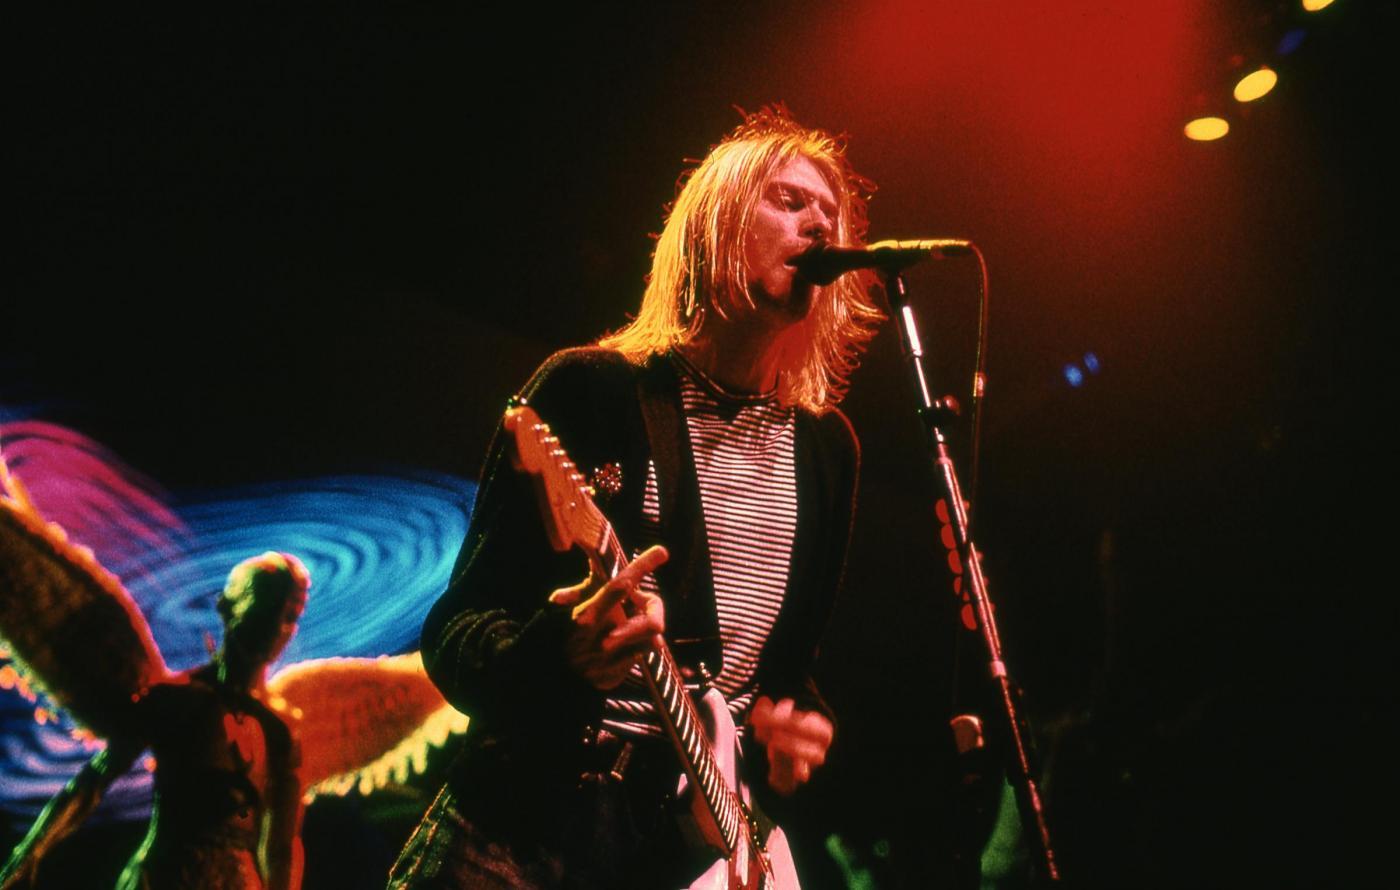 Kurt Cobain frasi famose